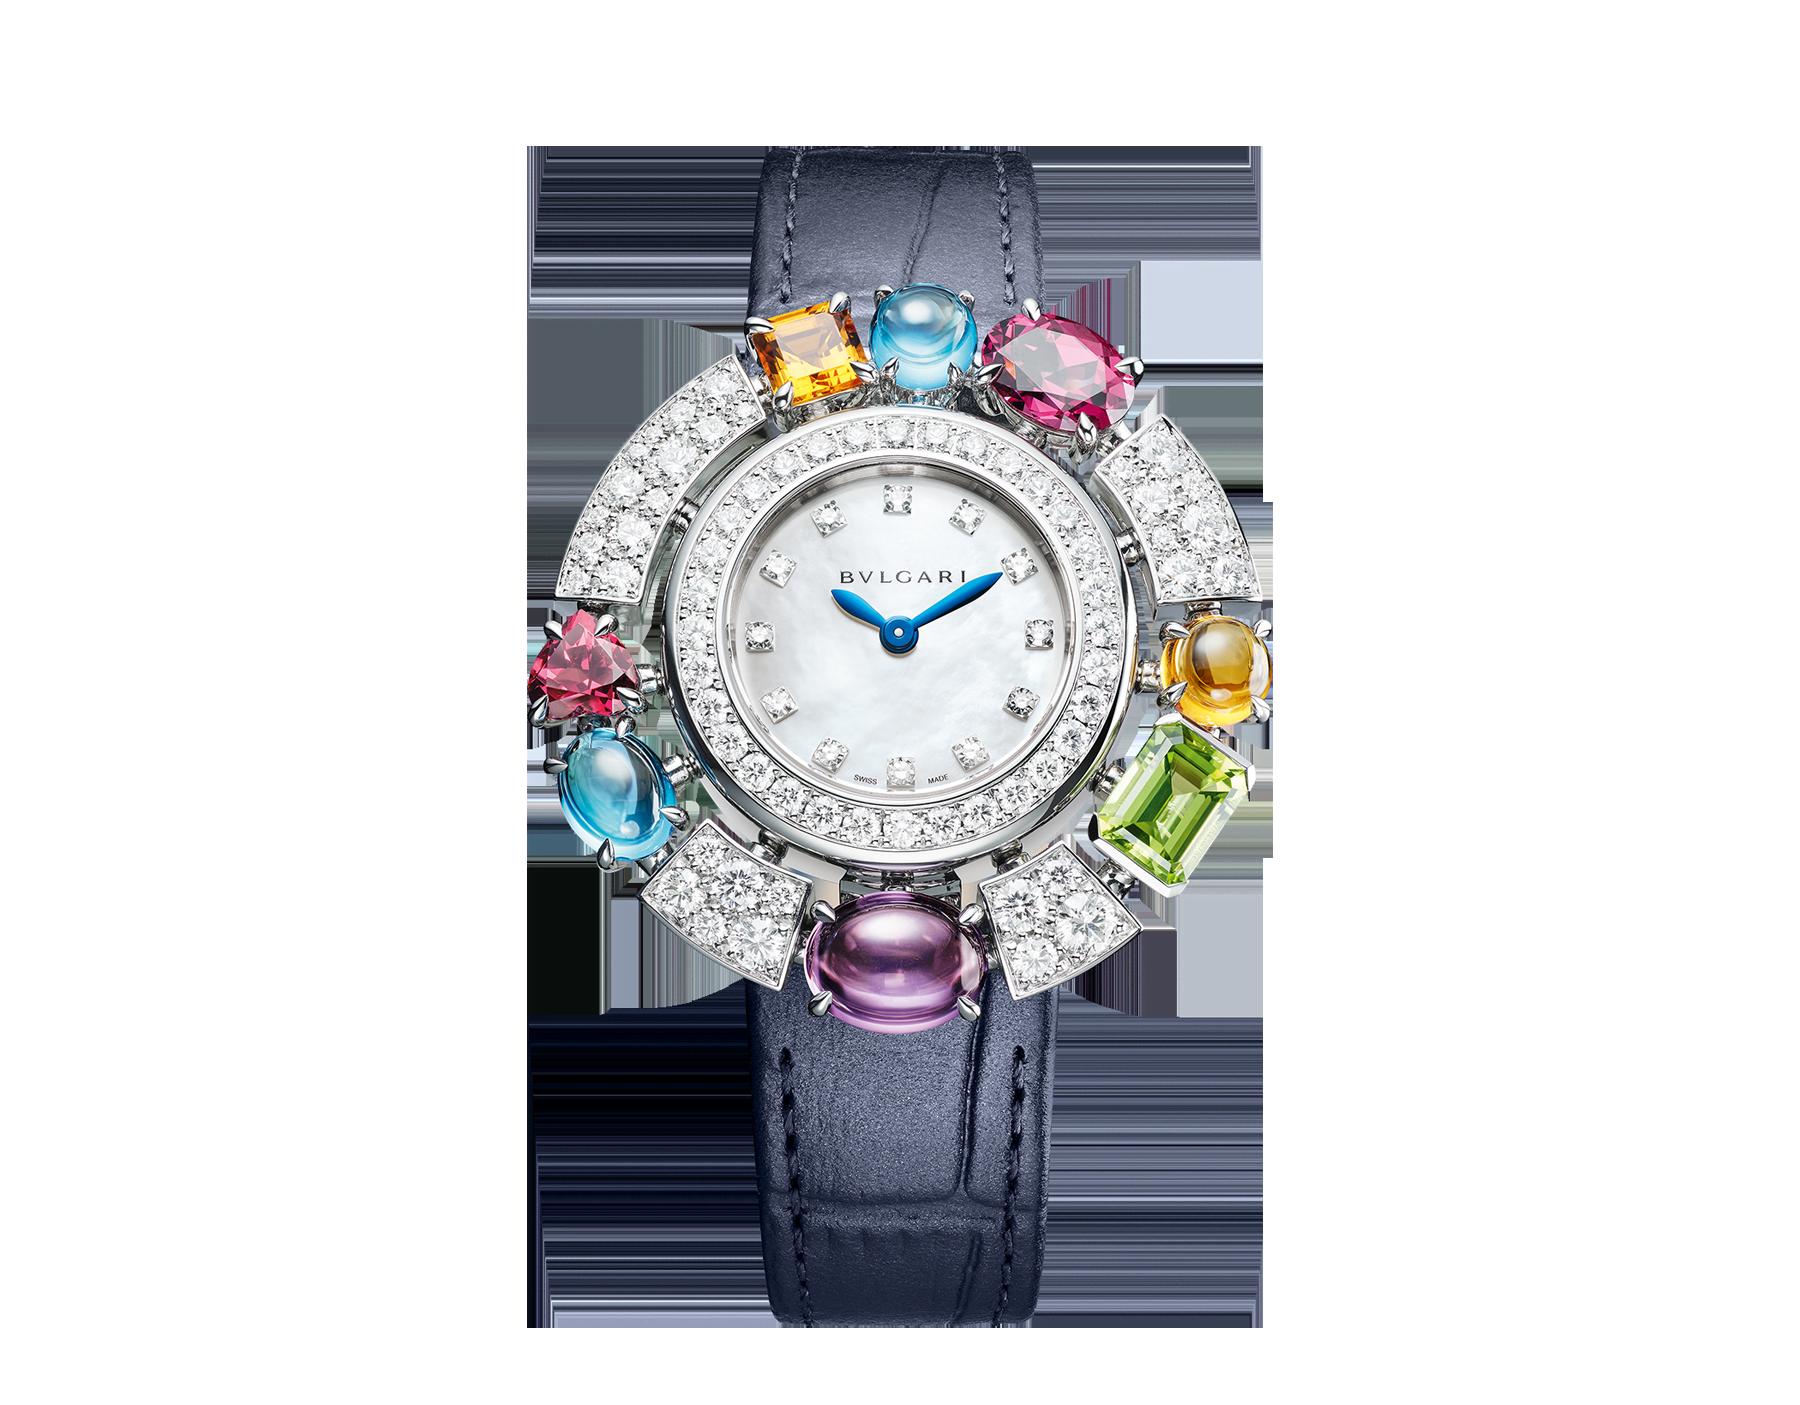 Allegra High Jewellery 頂級珠寶腕錶,18K 白金錶殼鑲飾明亮型切割鑽石、2 顆黃水晶、1 顆紫水晶、1 顆橄欖石、2 顆藍色拓帕石、2 顆玫瑰榴石。珍珠母貝錶盤,鑽石時標,藍色亮面鱷魚皮錶帶。防水深度 30 公尺。 103499 image 1